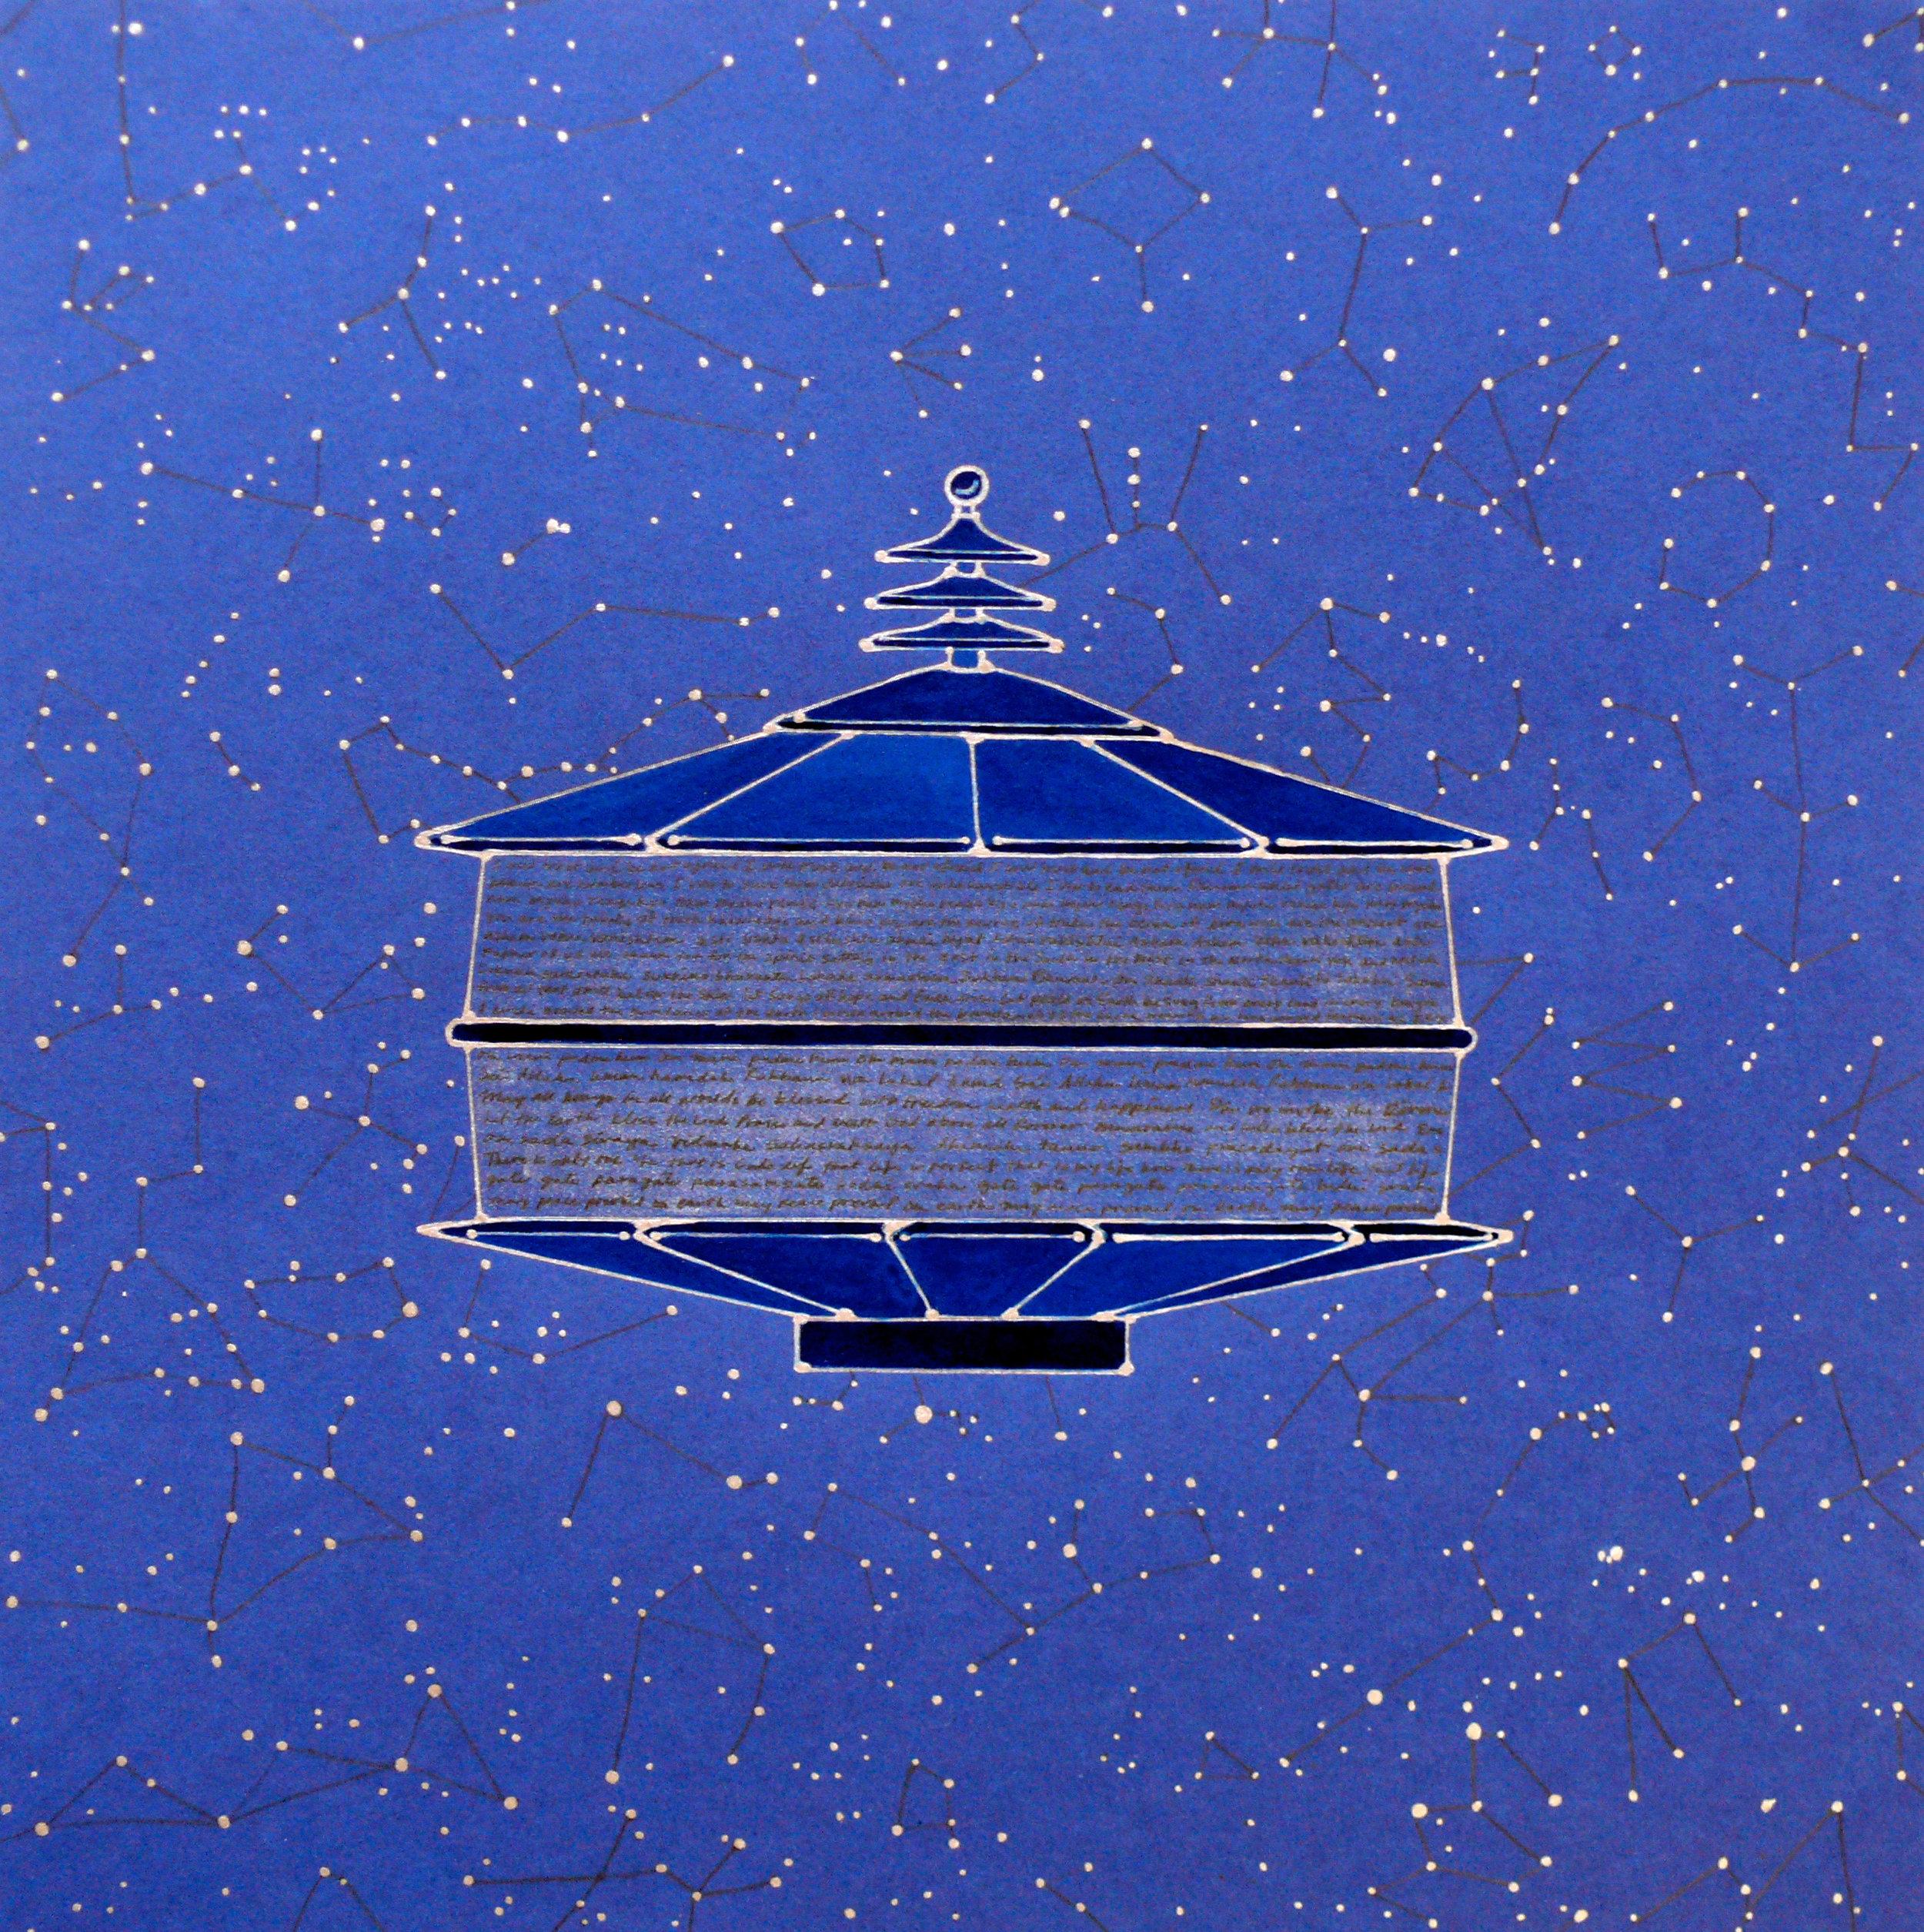 skywheelblueprint1a.jpg